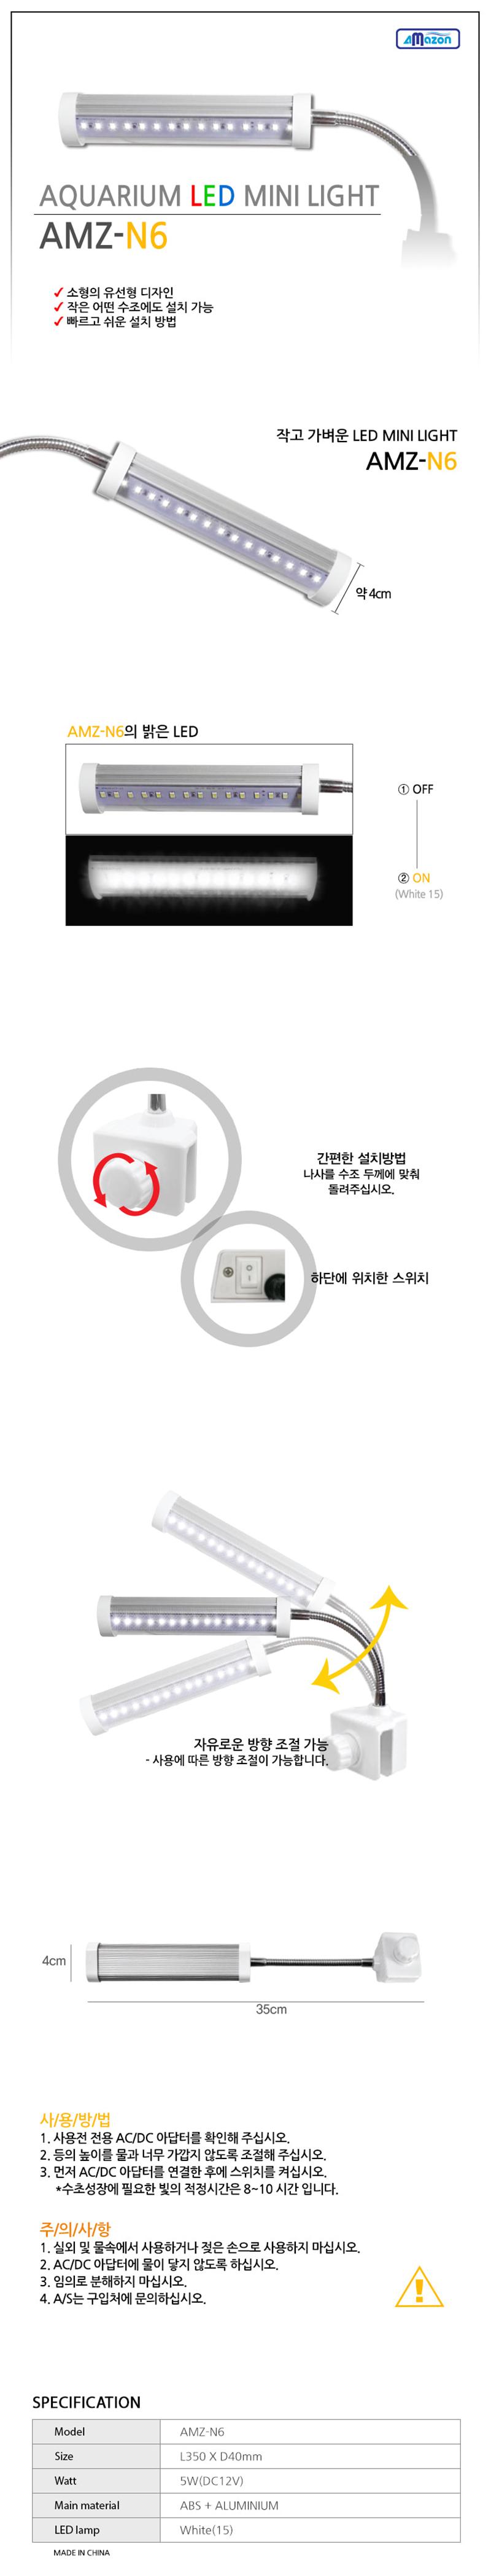 아마존 LED미니등/AMZ-N6 - 스타릿1, 15,000원, 부속품, 조명